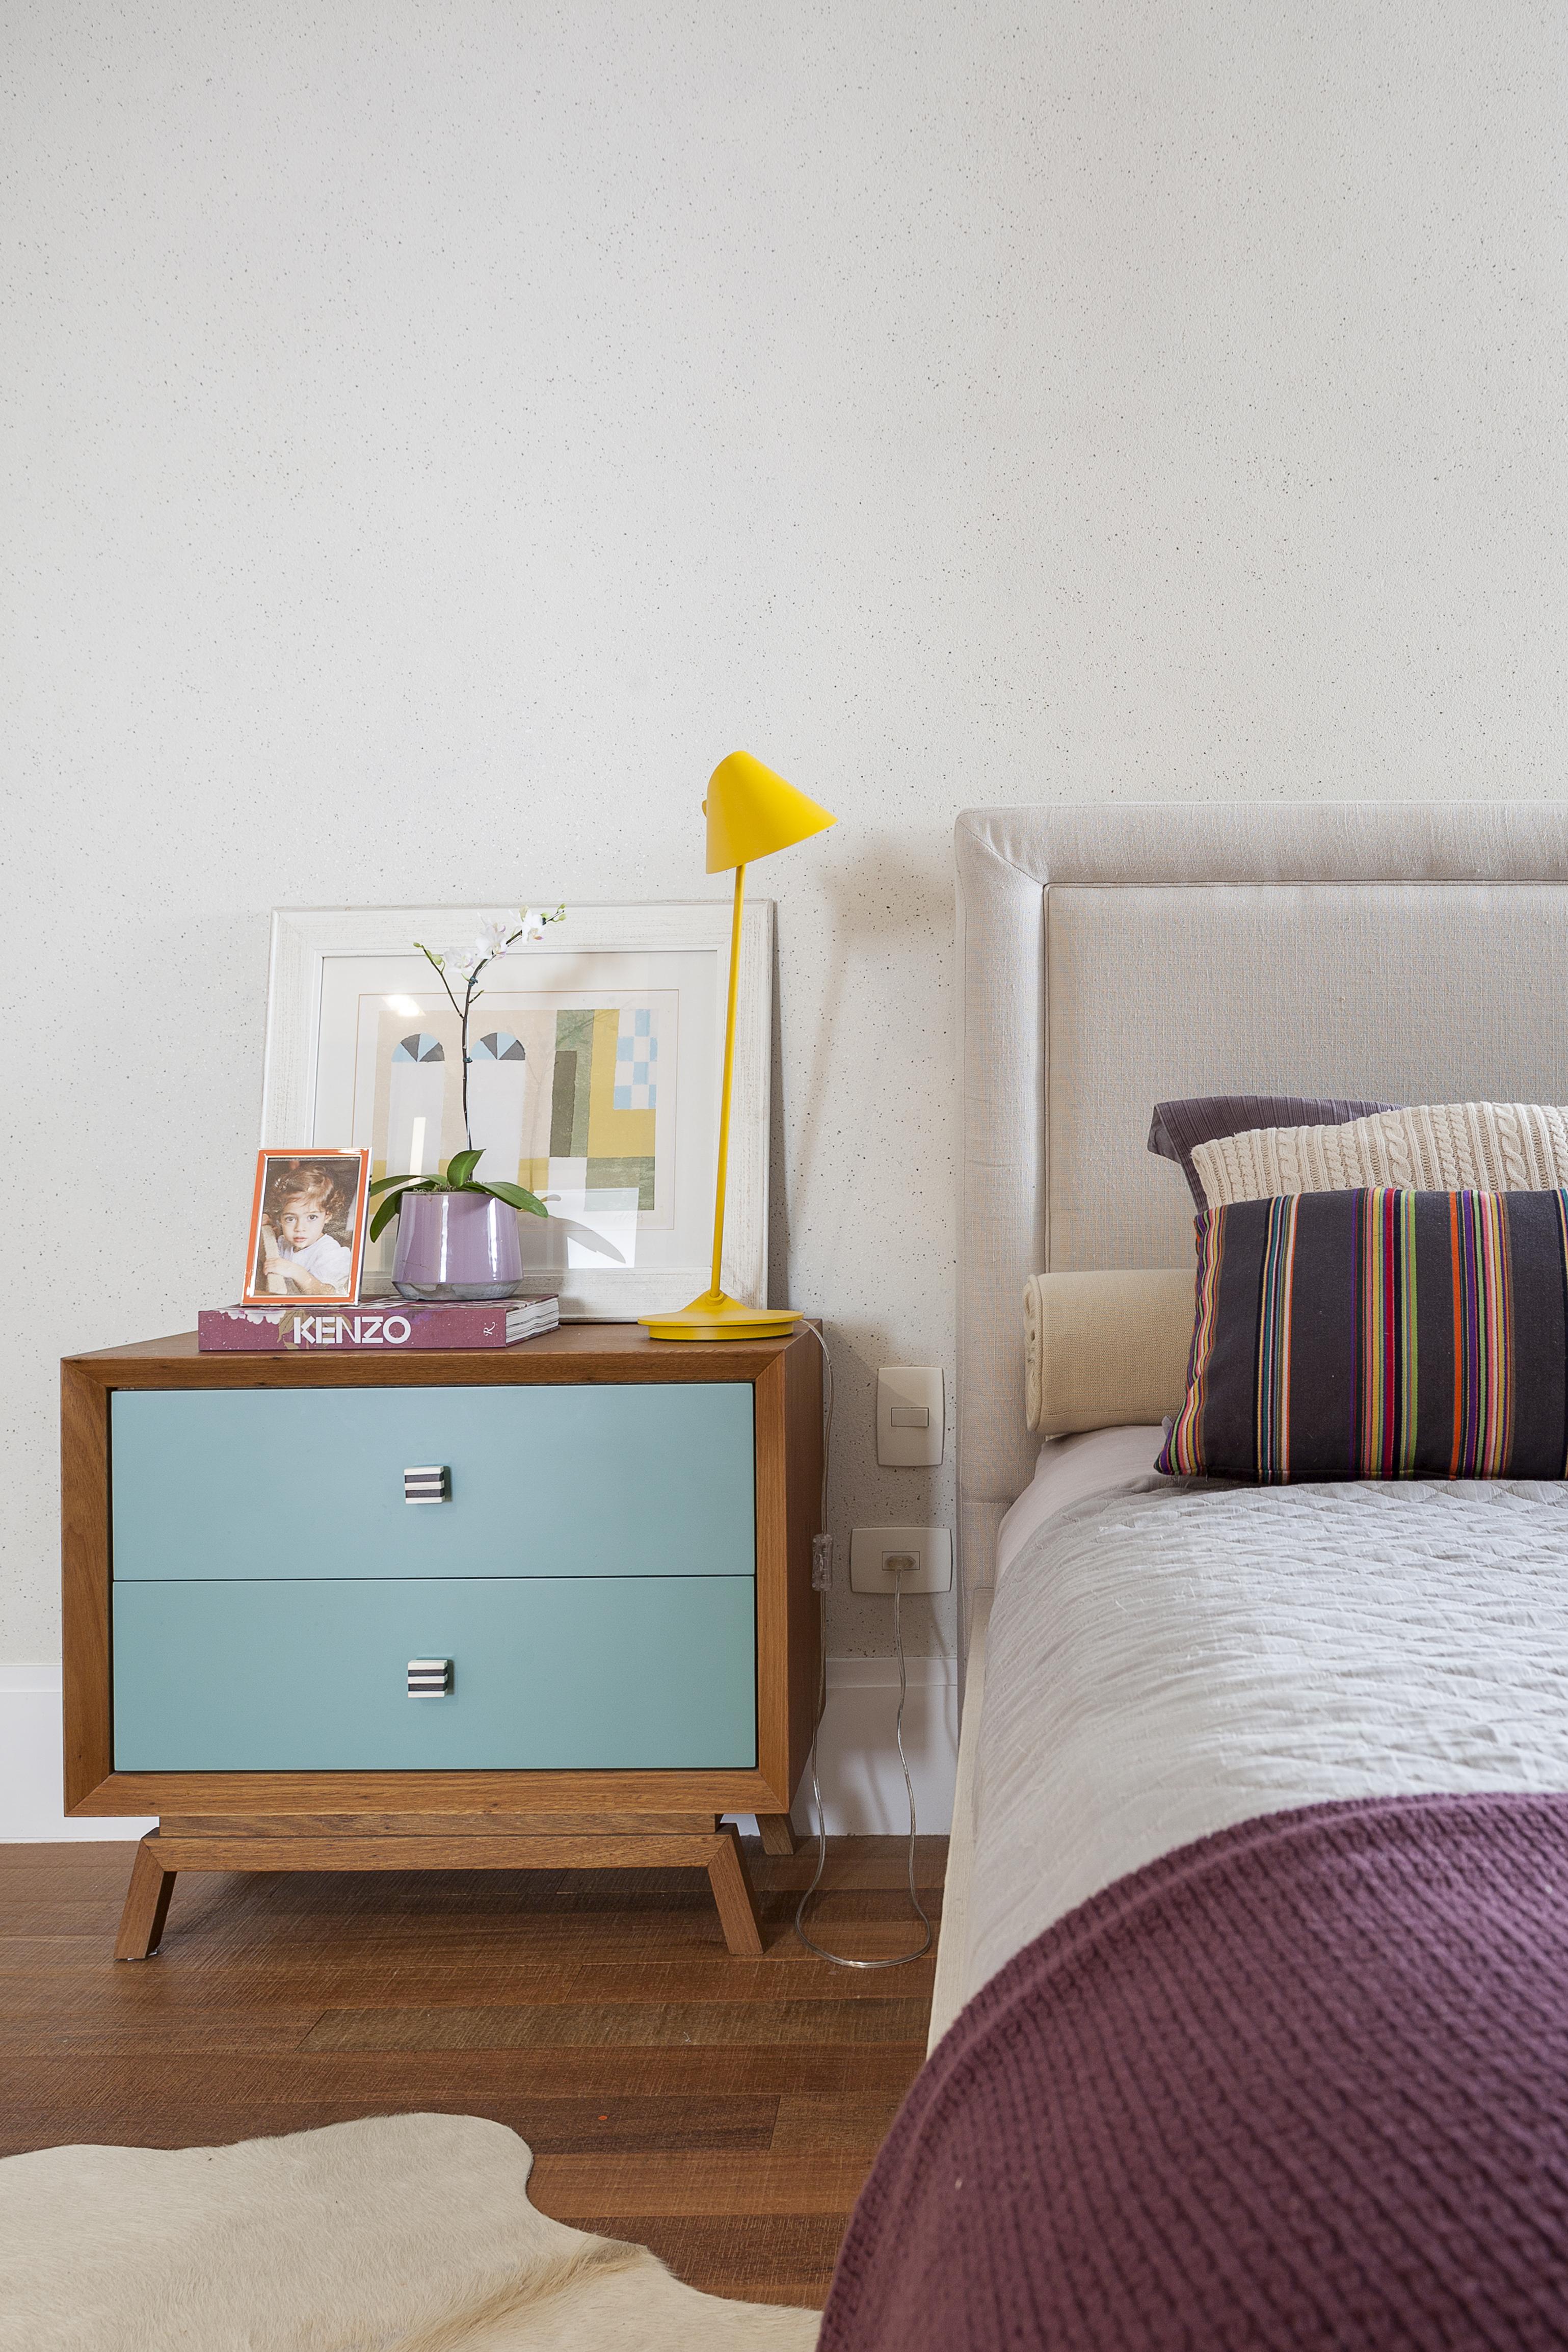 No canto esquerdo, aparece uma mesa de cabeceira de madeira com as gavetas azuis. Sobre ela, há uma luminária de mesa amarela, alguns porta-retratos e um quadro apoiado na parede. Ao lado, aparece metade da cama, que tem cabeceira estofada, almofadas listradas de laranja e marrom e a colcha branca. No pé da cama, há uma colcha roxa